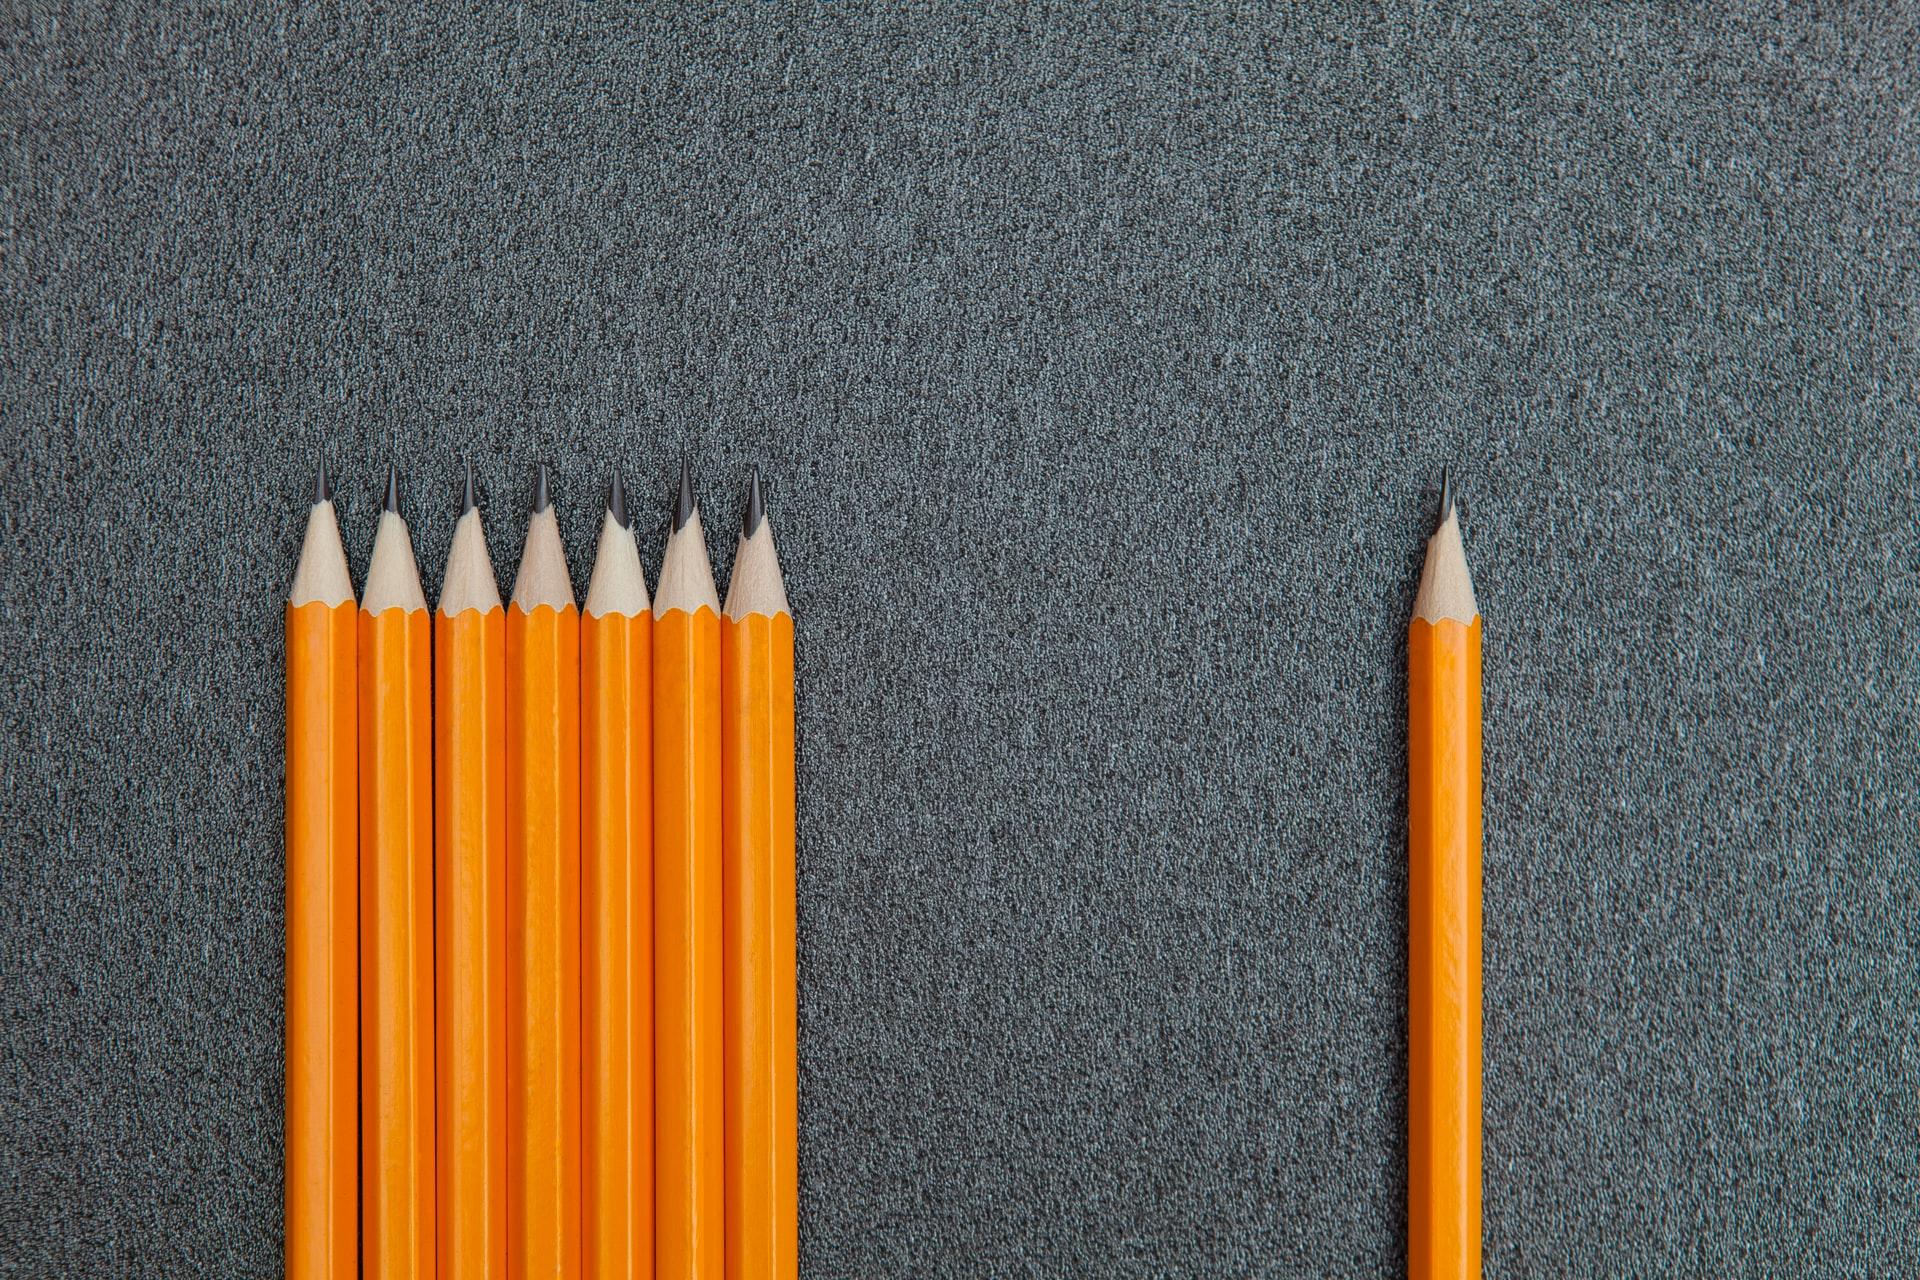 7 Bleistifte links, 1 Bleistift recht, Photo by Frank Vessia on Unsplash